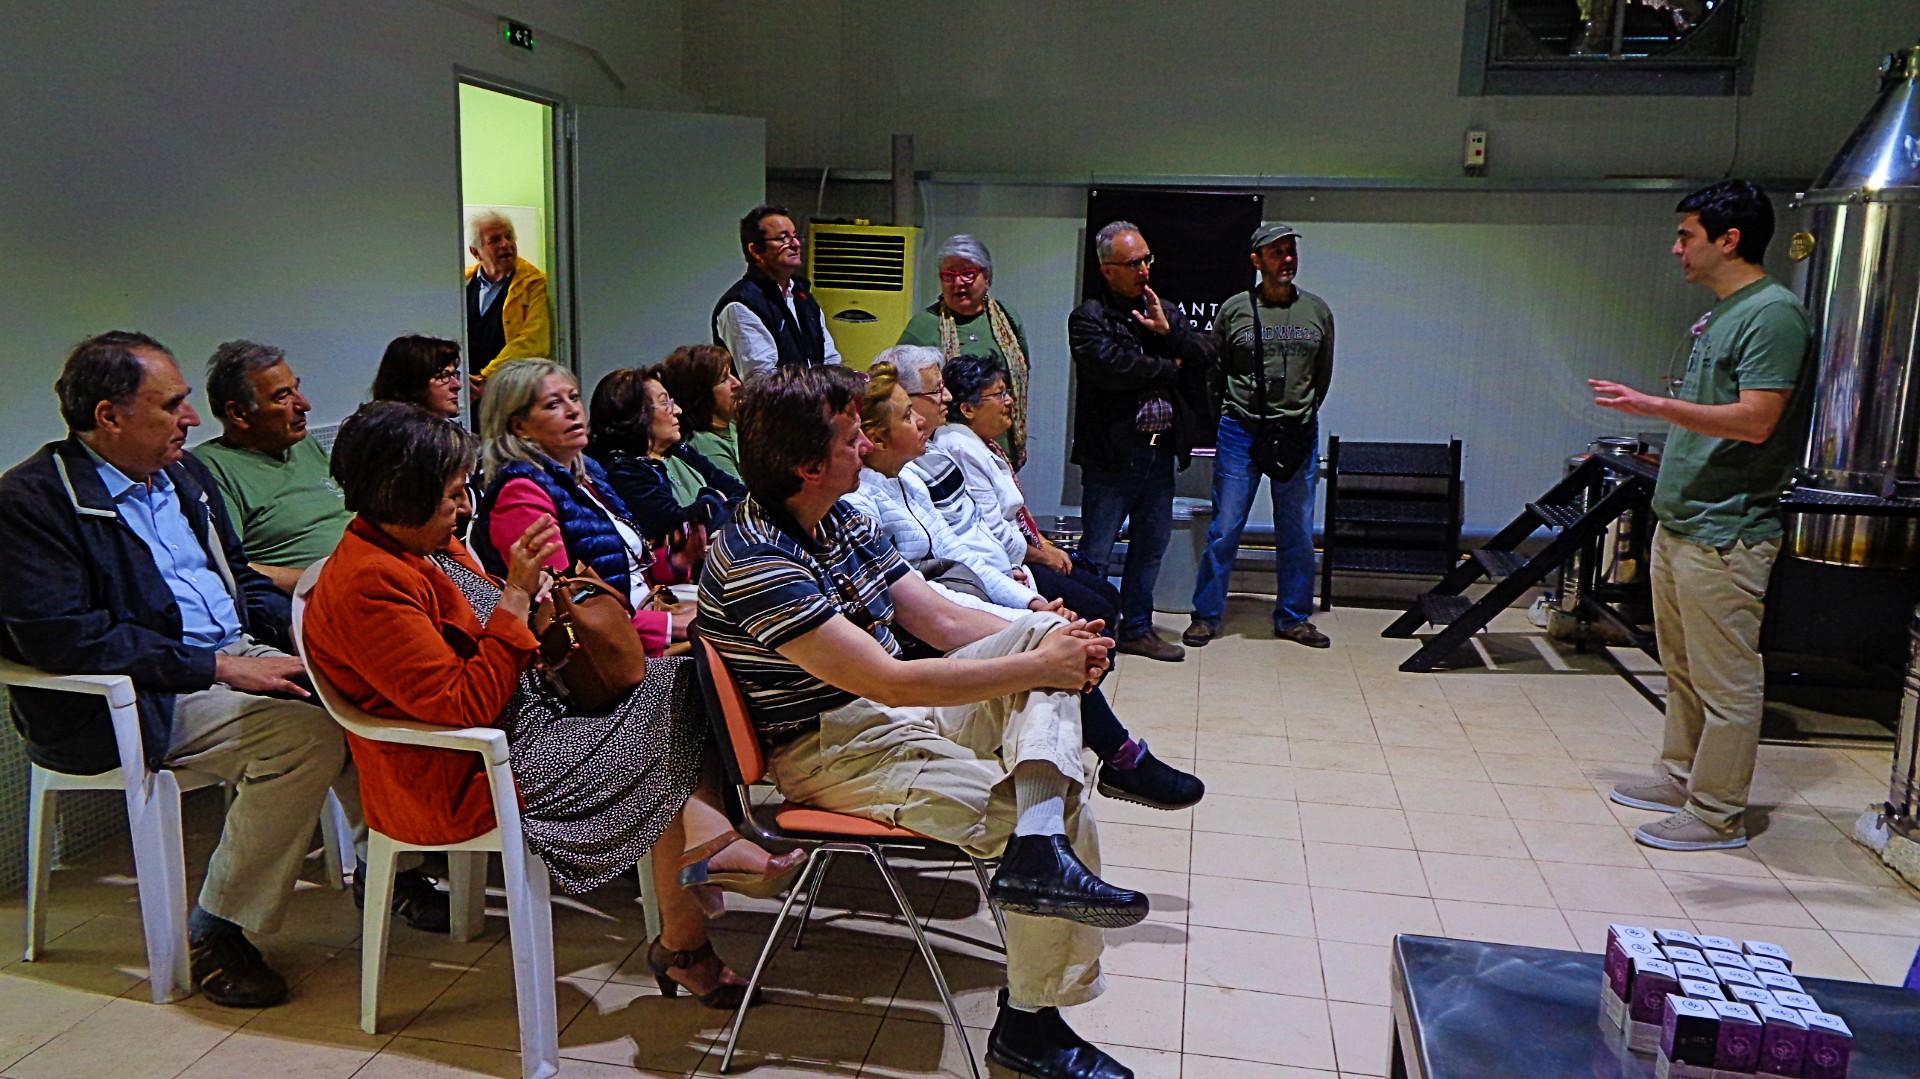 Τα μέλη του Περιβαλλοντικού & Πολιτιστικού Συλλόγου Ωραιοκάστρου με τον Γιώργο Υφαντίδη